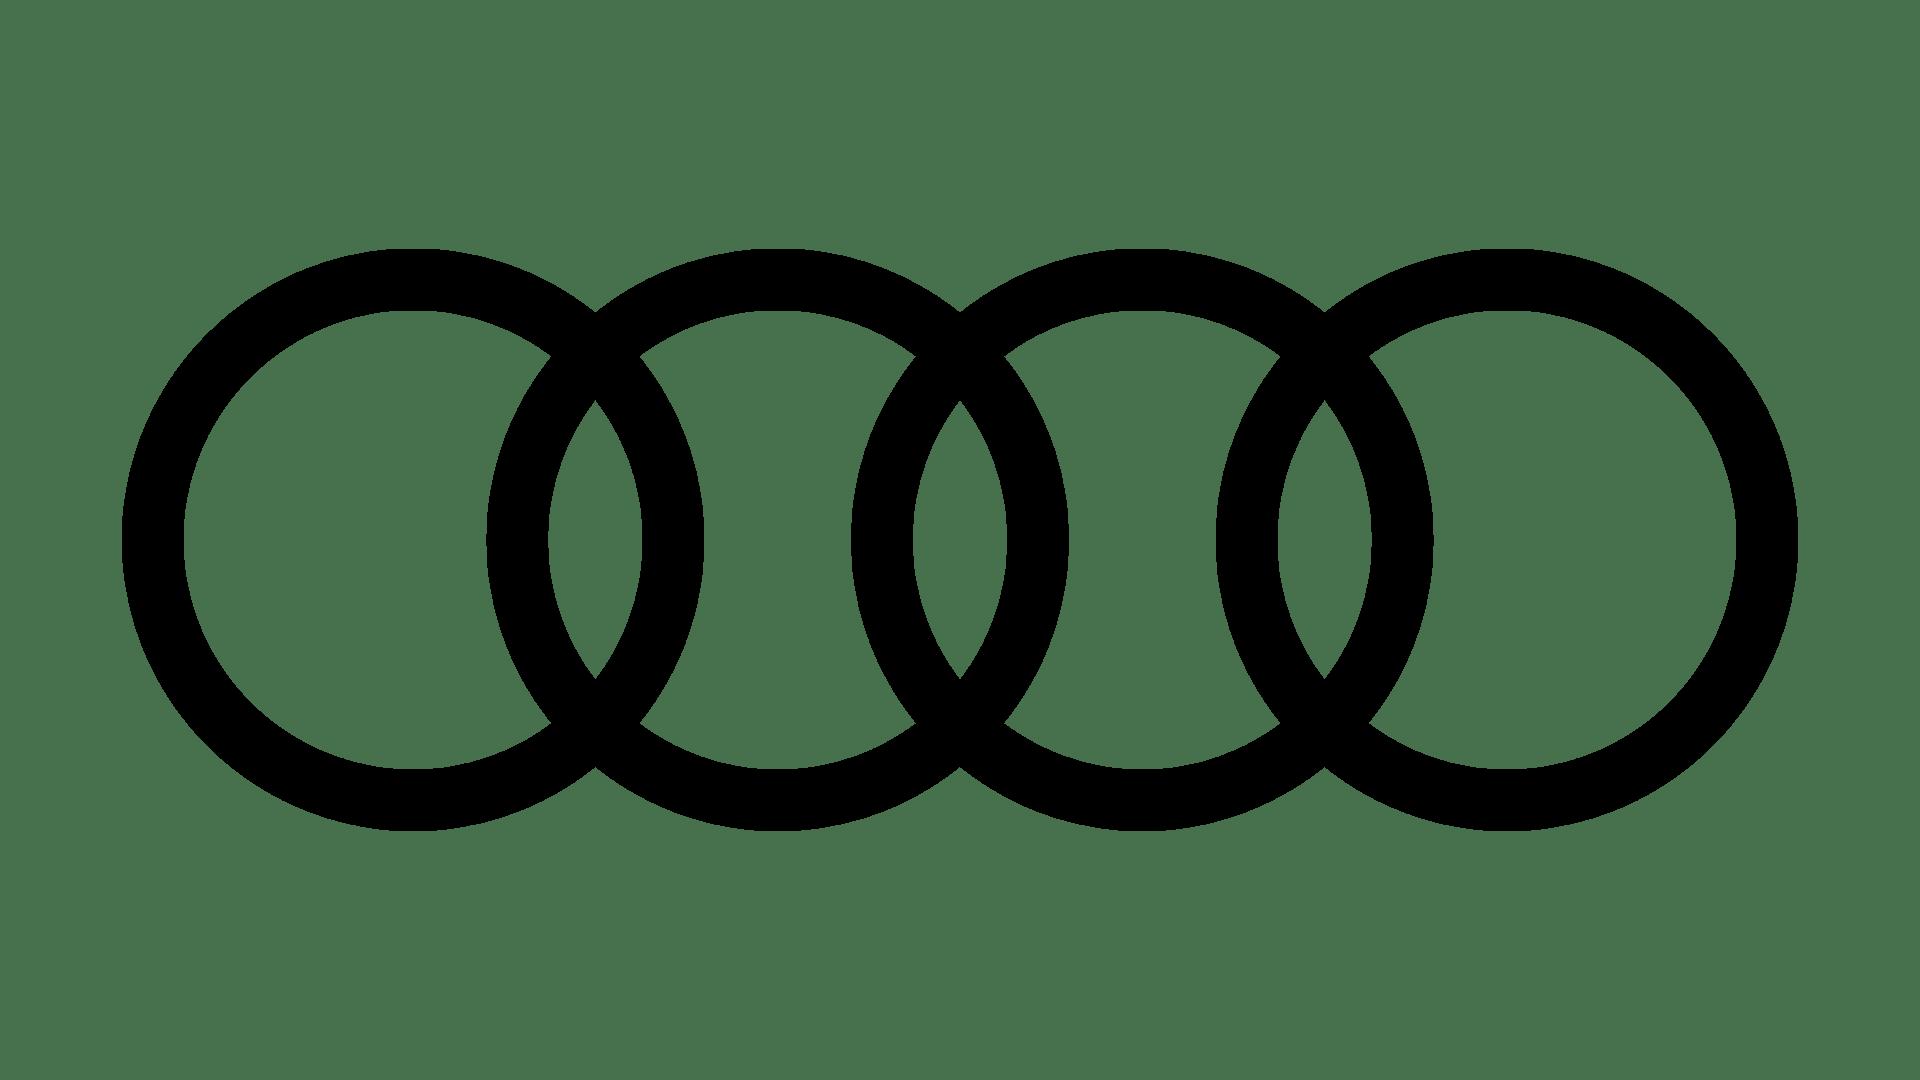 Audi Car Logo Wallpapers Audi Logo Hd Png Meaning Information Carlogos Org